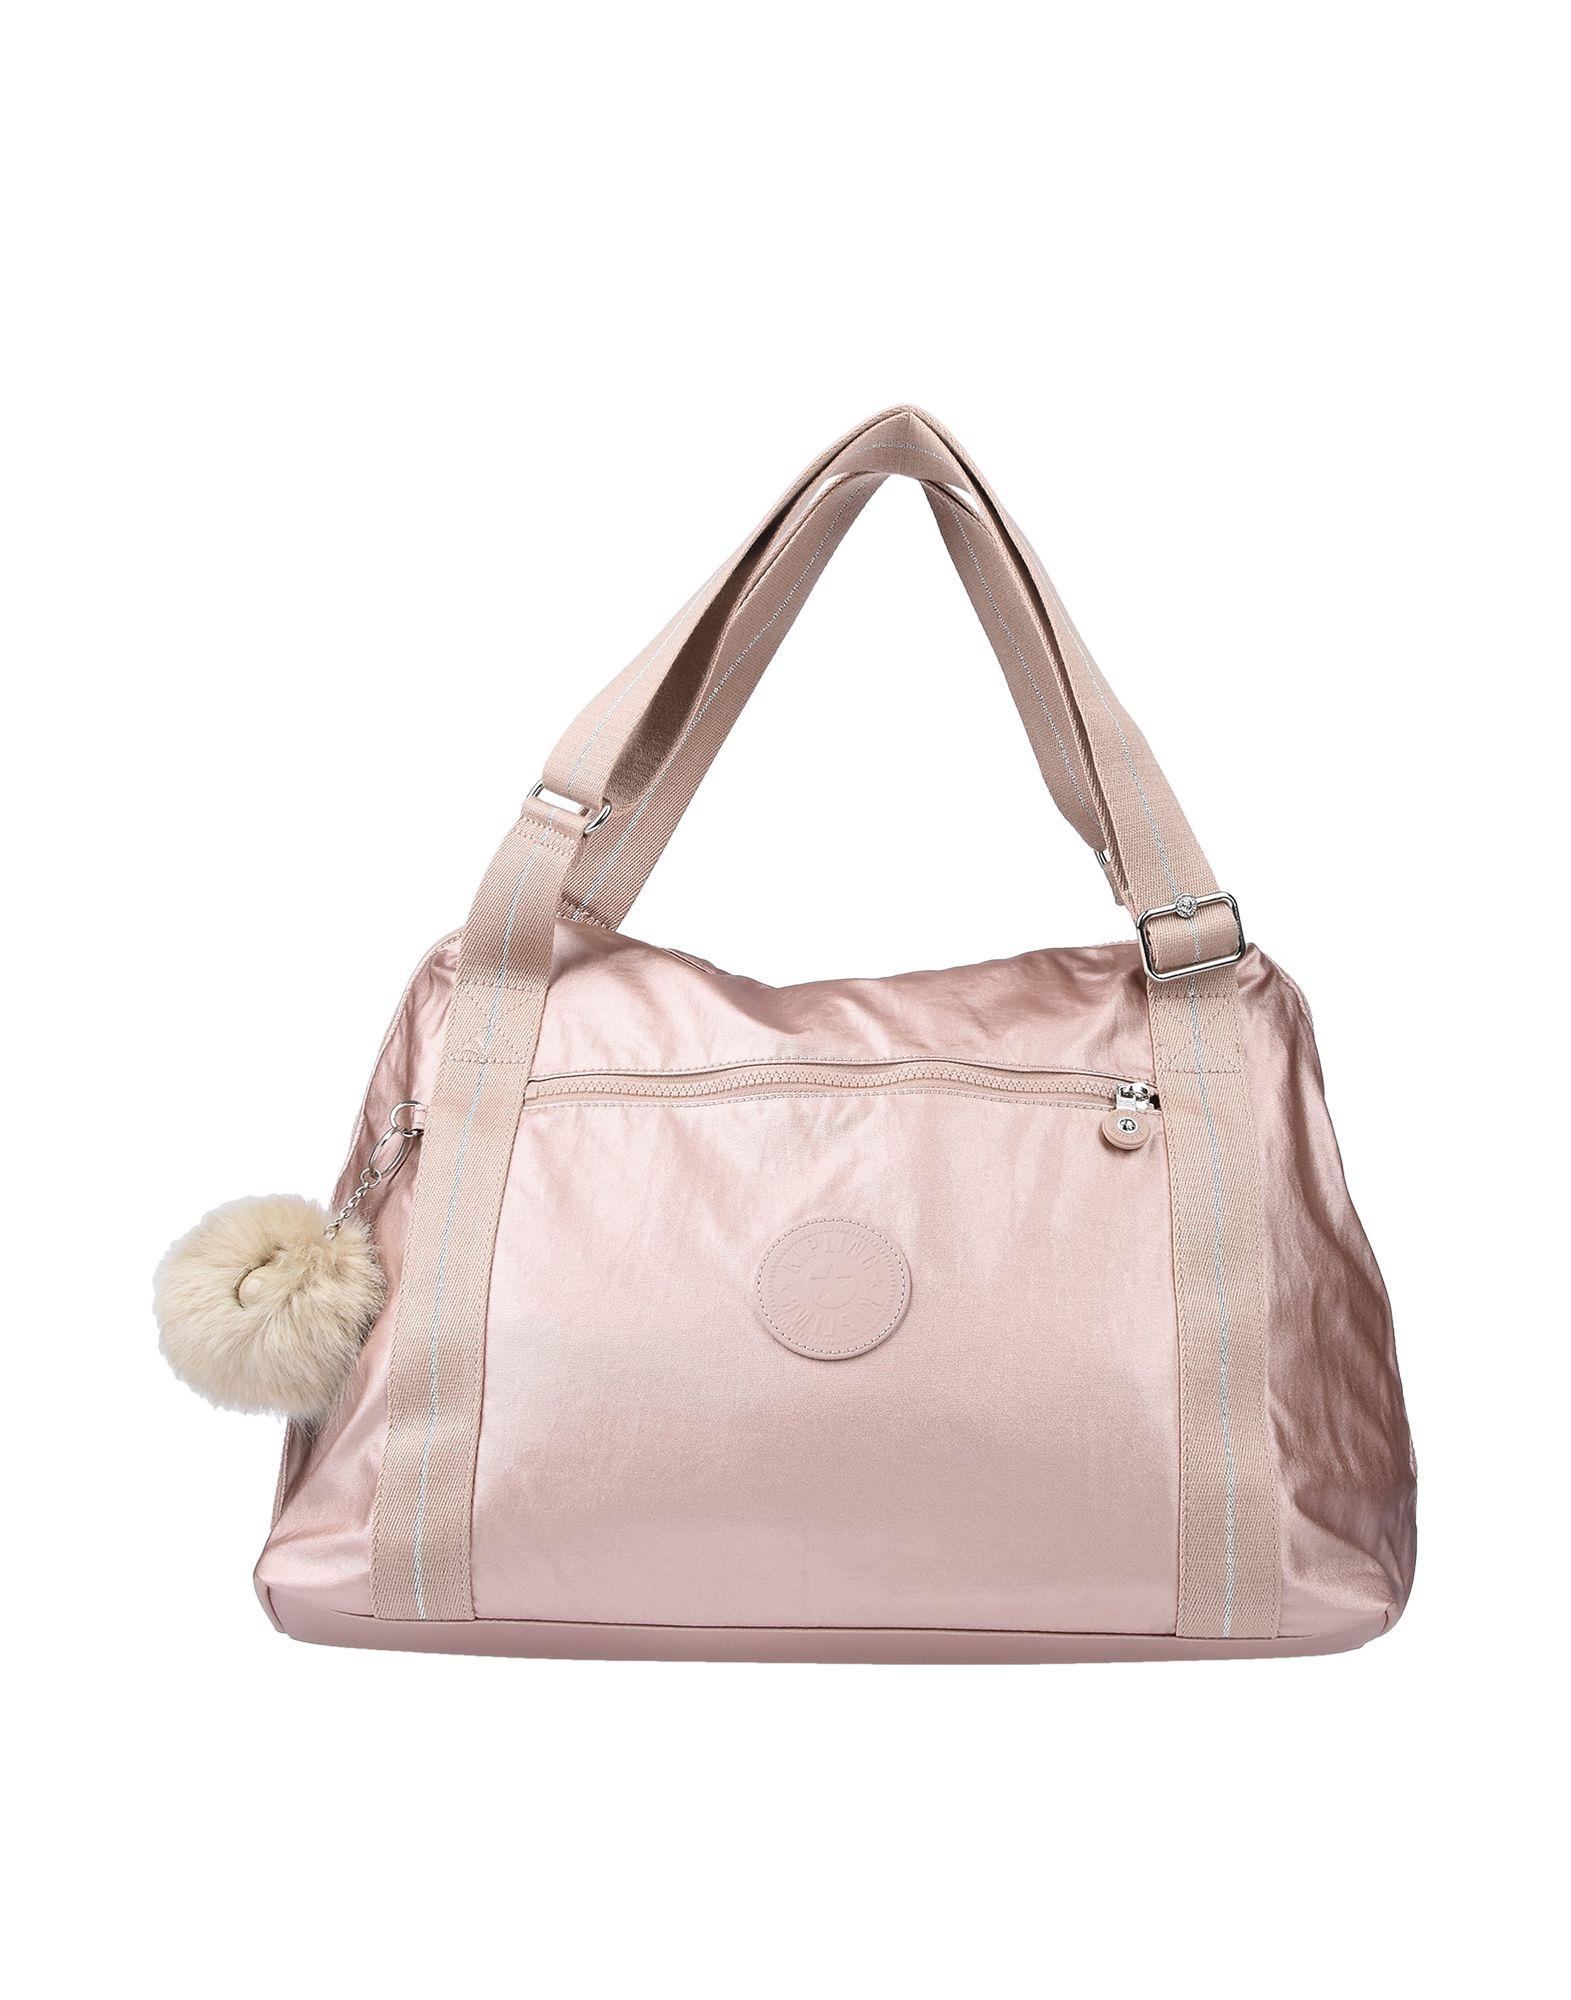 《送料無料》KIPLING レディース ハンドバッグ ピンク 紡績繊維